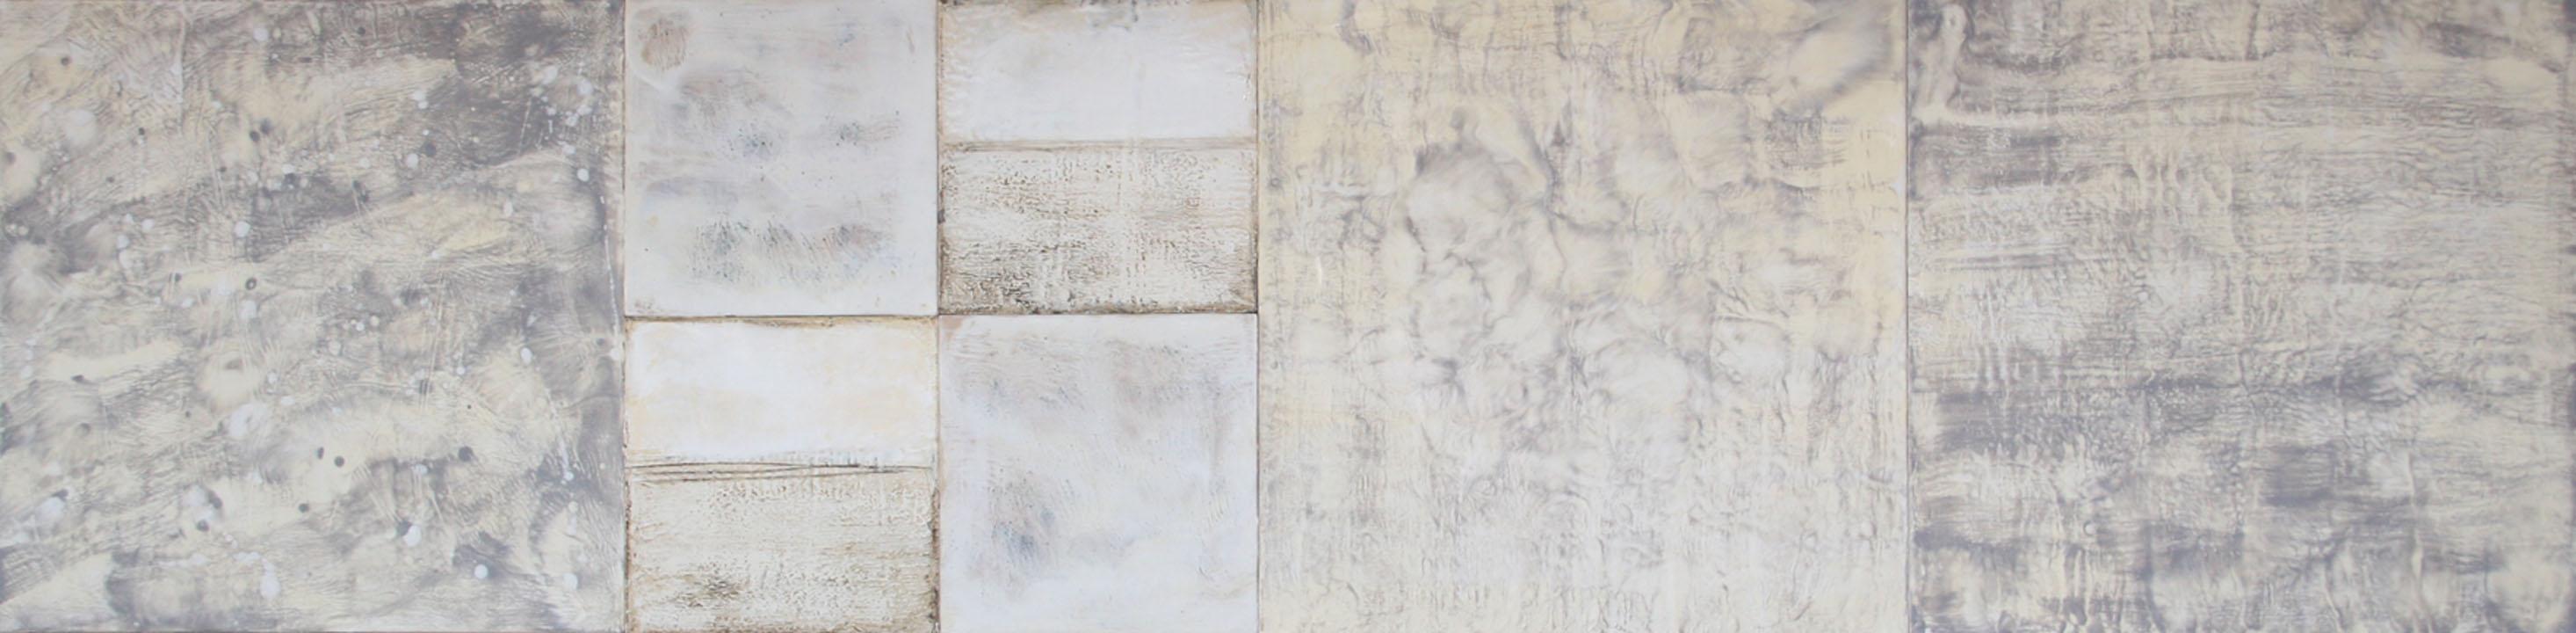 Ash Panel